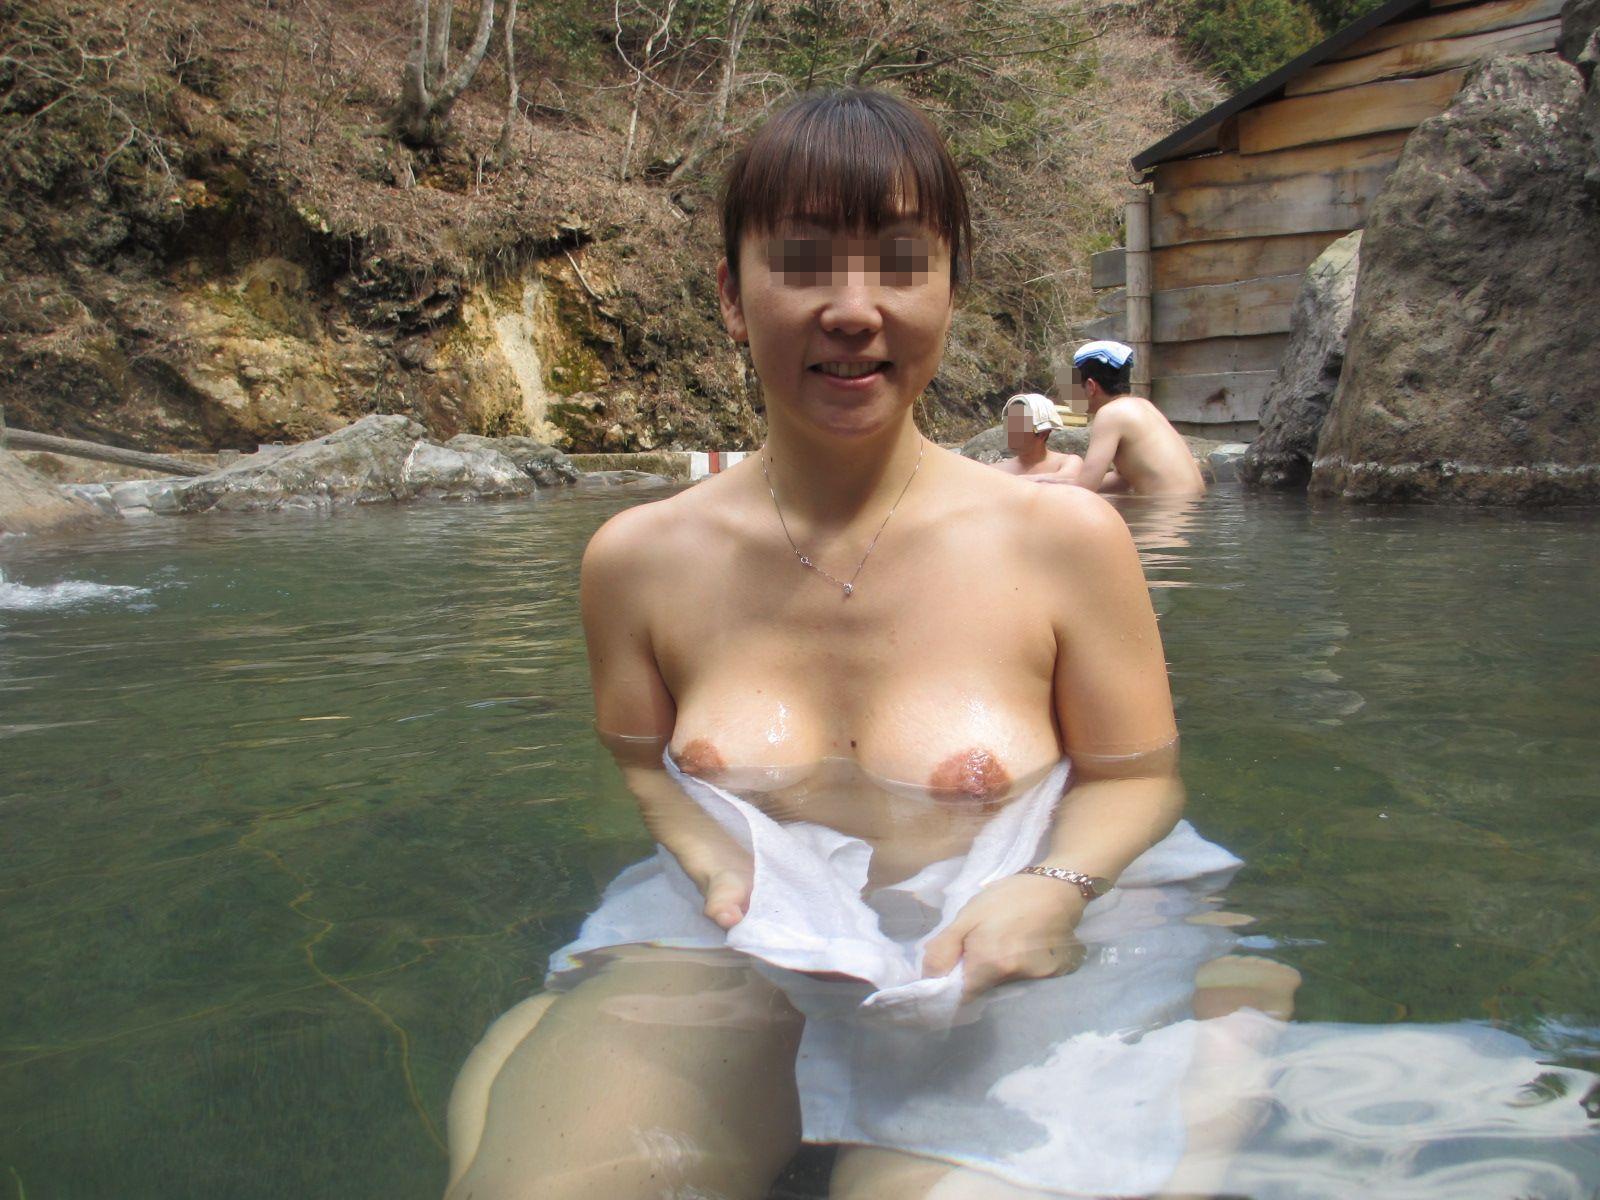 (露天風呂えろ写真)開放的な露天風呂の混浴で収録した大胆なシロウト女性のフルぬーどww